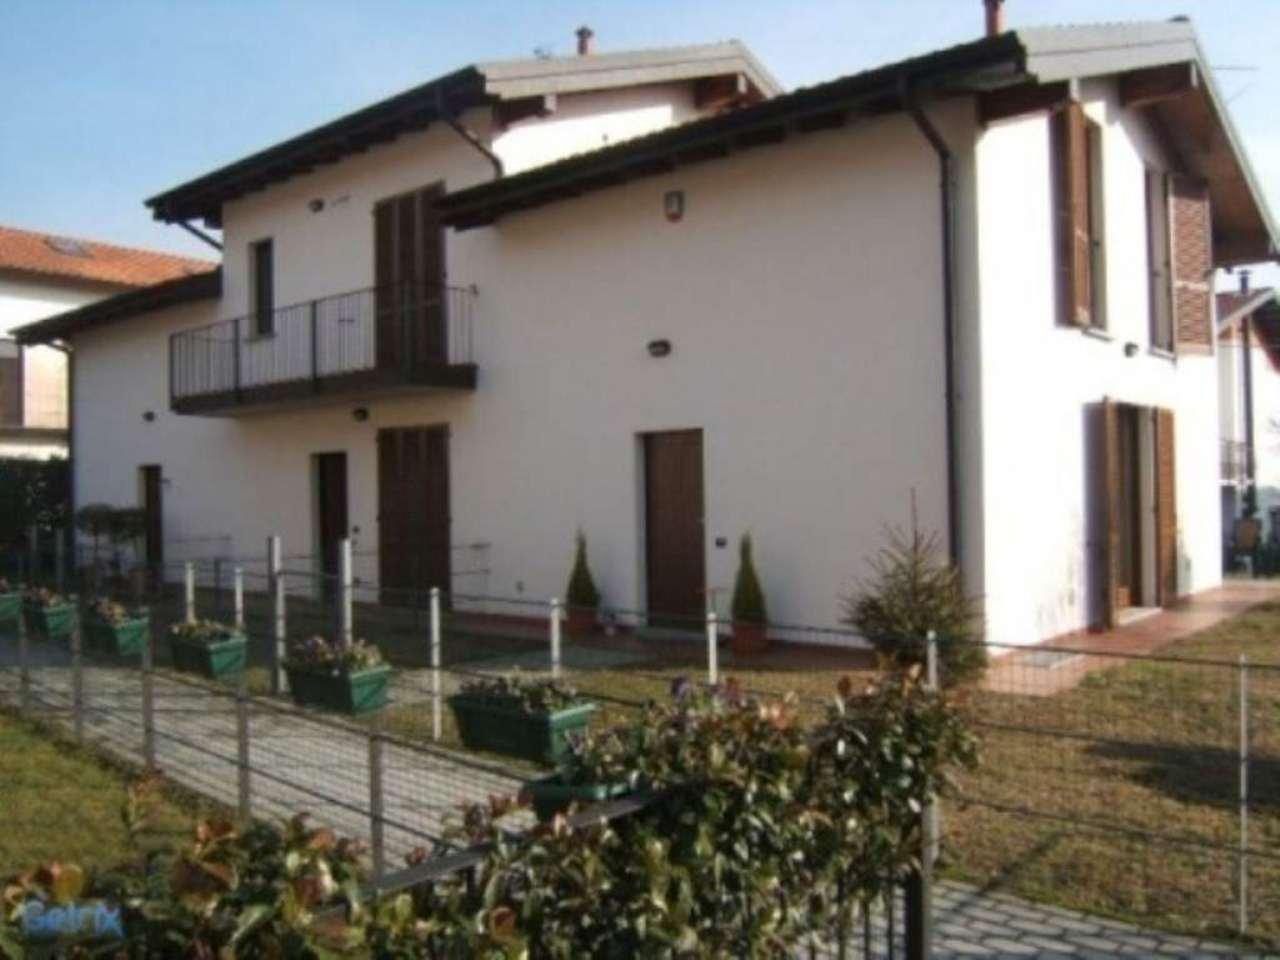 Villa in vendita a Sesto Calende, 4 locali, prezzo € 179.000   Cambio Casa.it